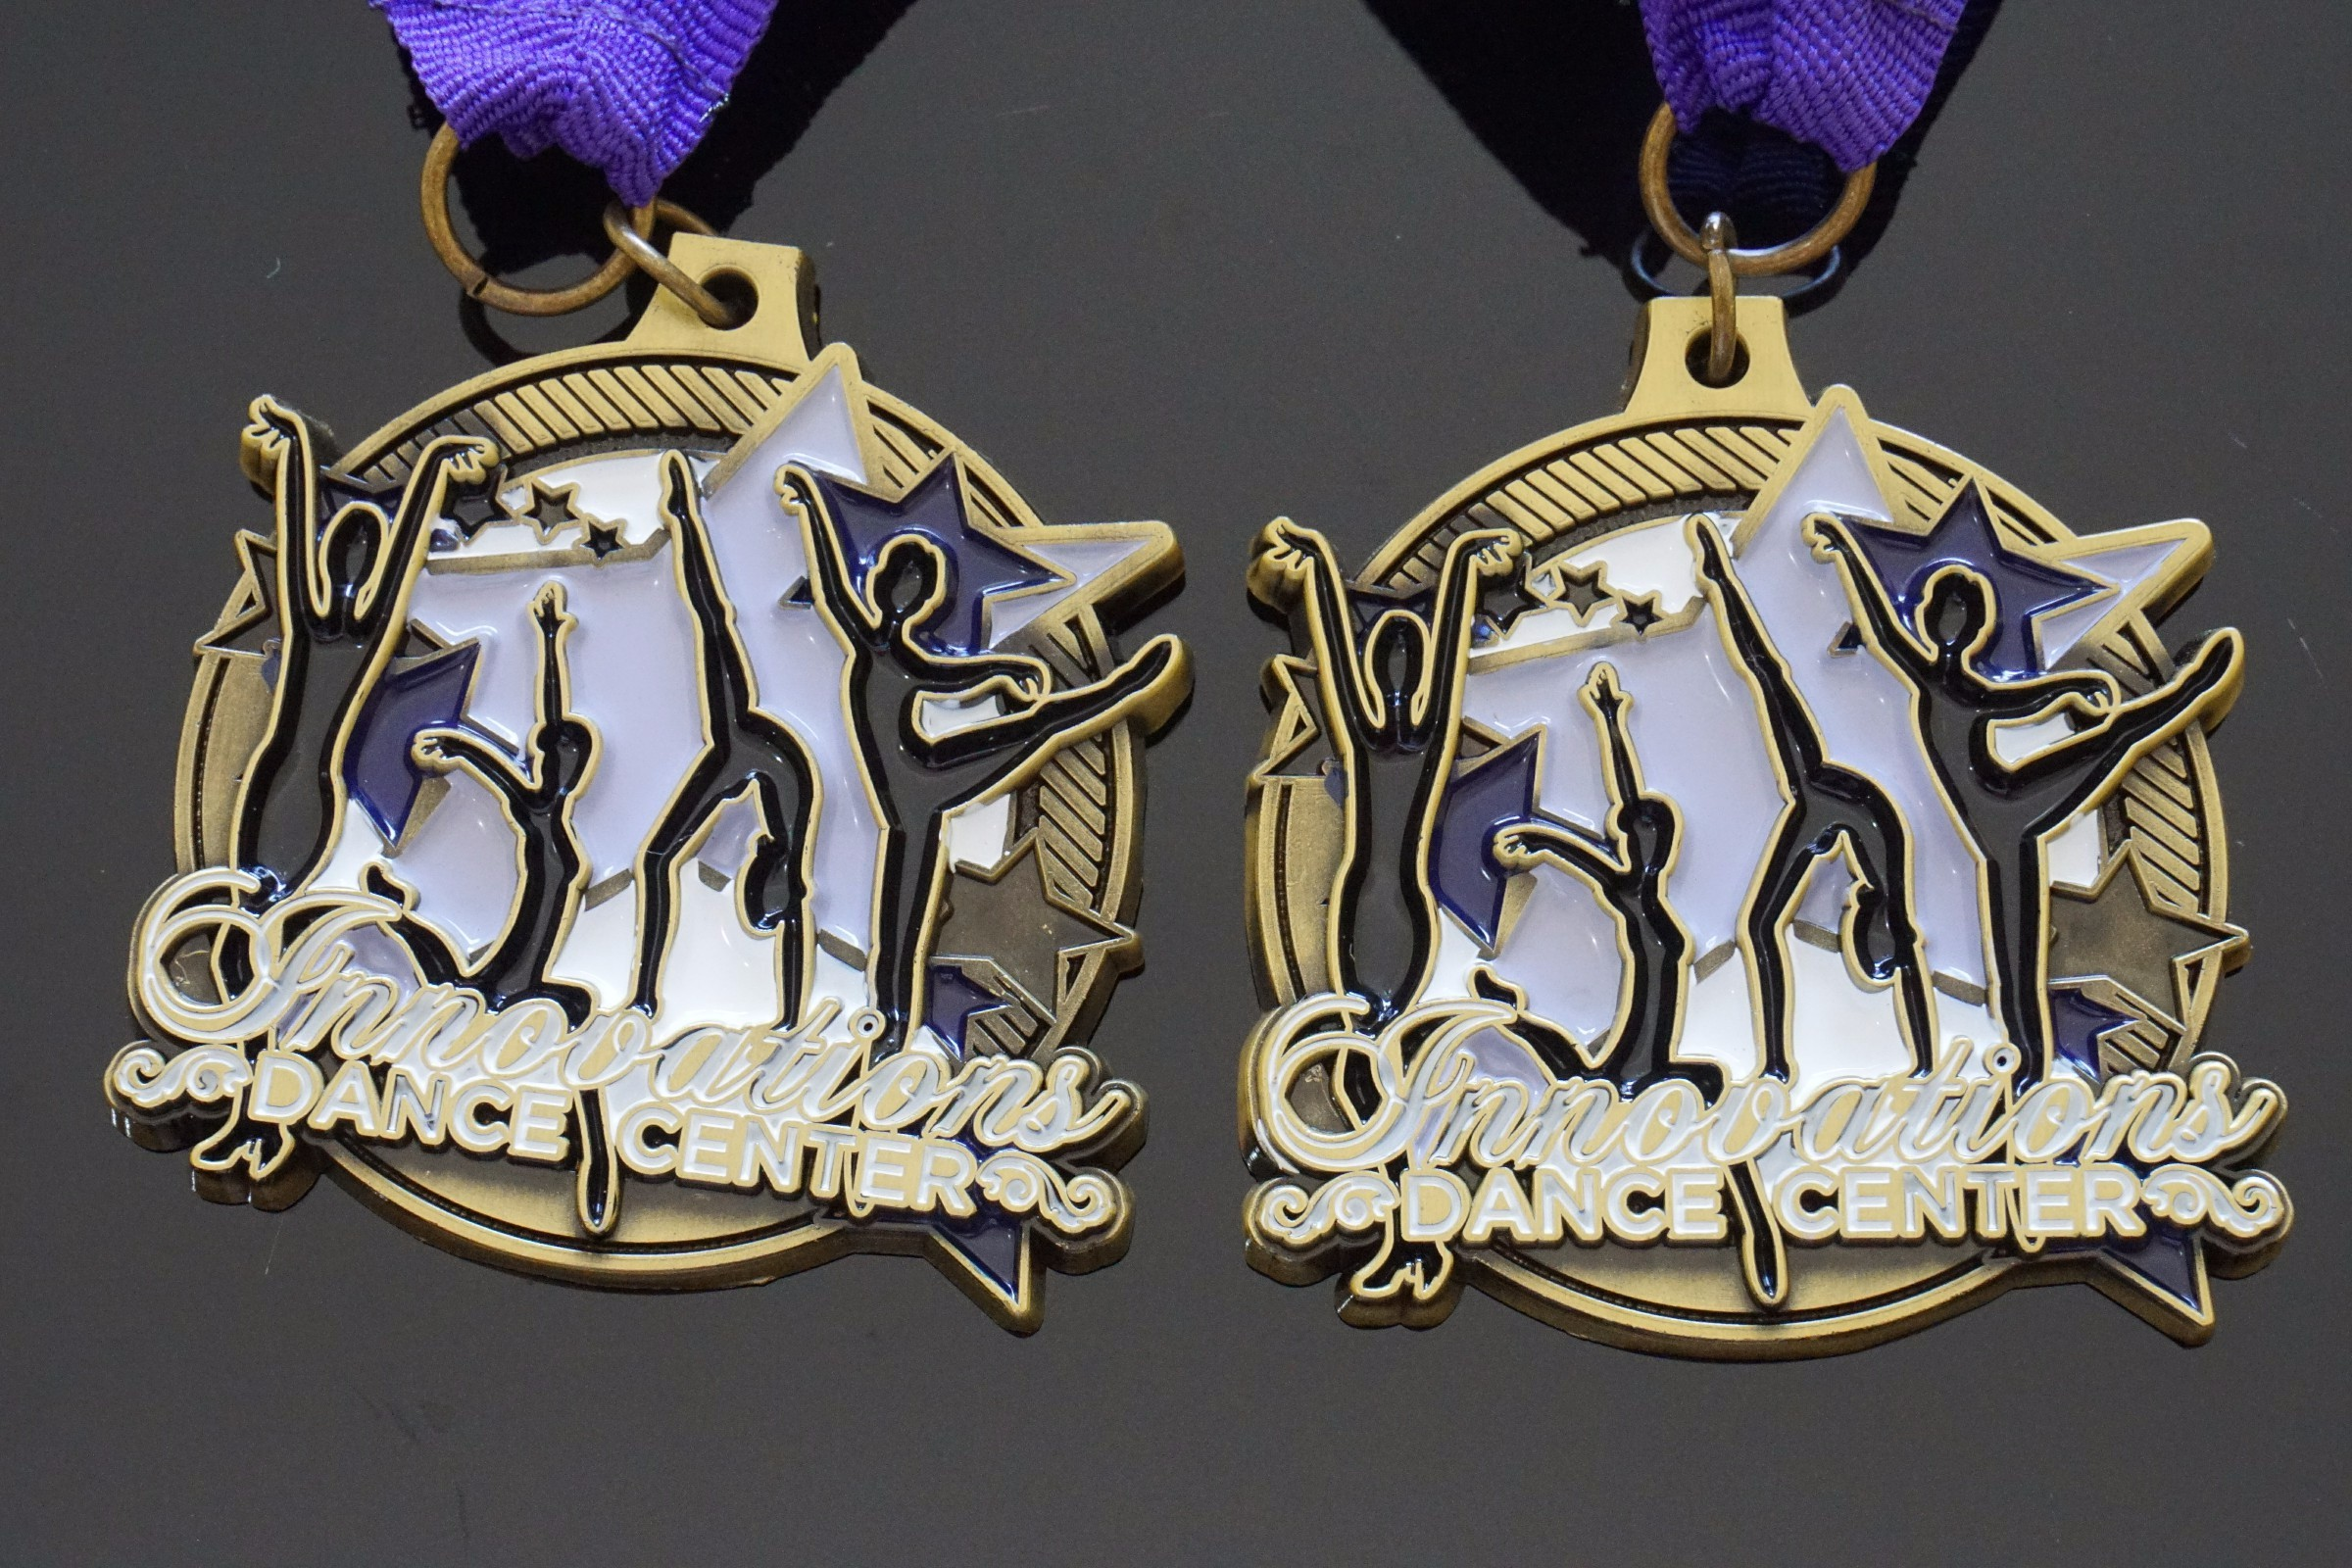 福建健身行纪念奖章